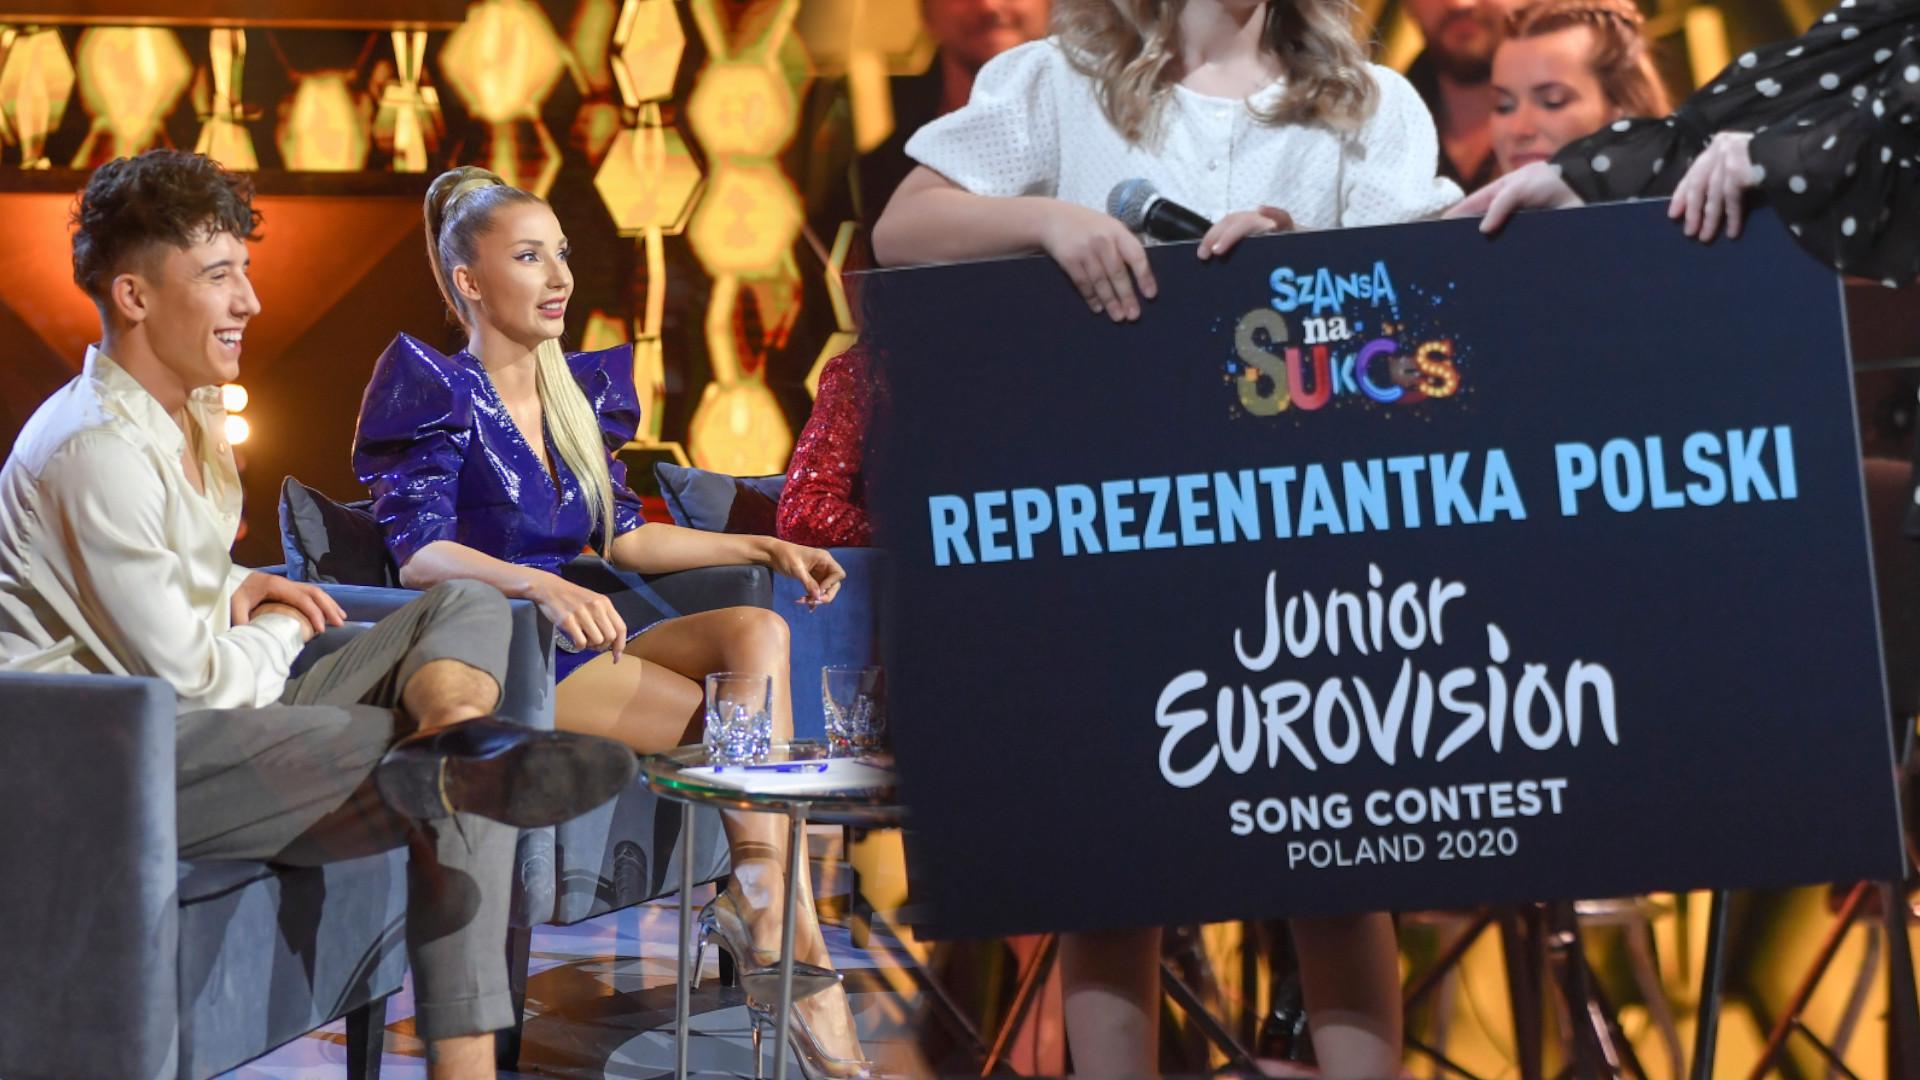 Eurowizja Junior 2020. Wyłoniono reprezentantkę Polski